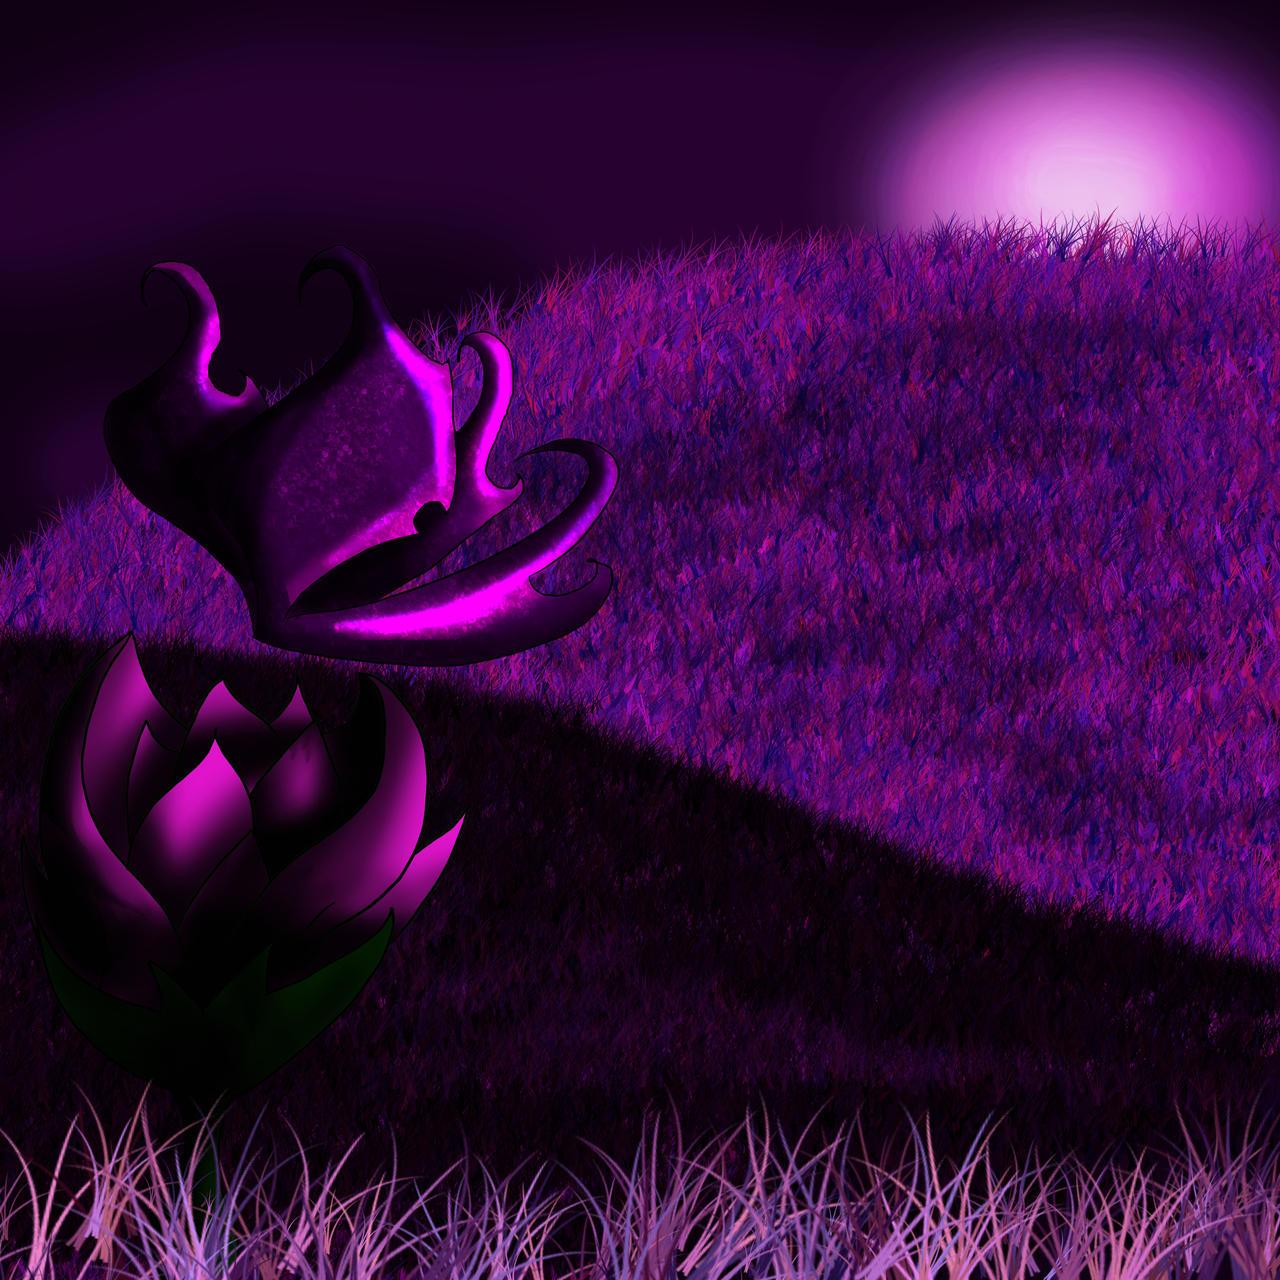 Dark Purple Butterfly Wallpaper